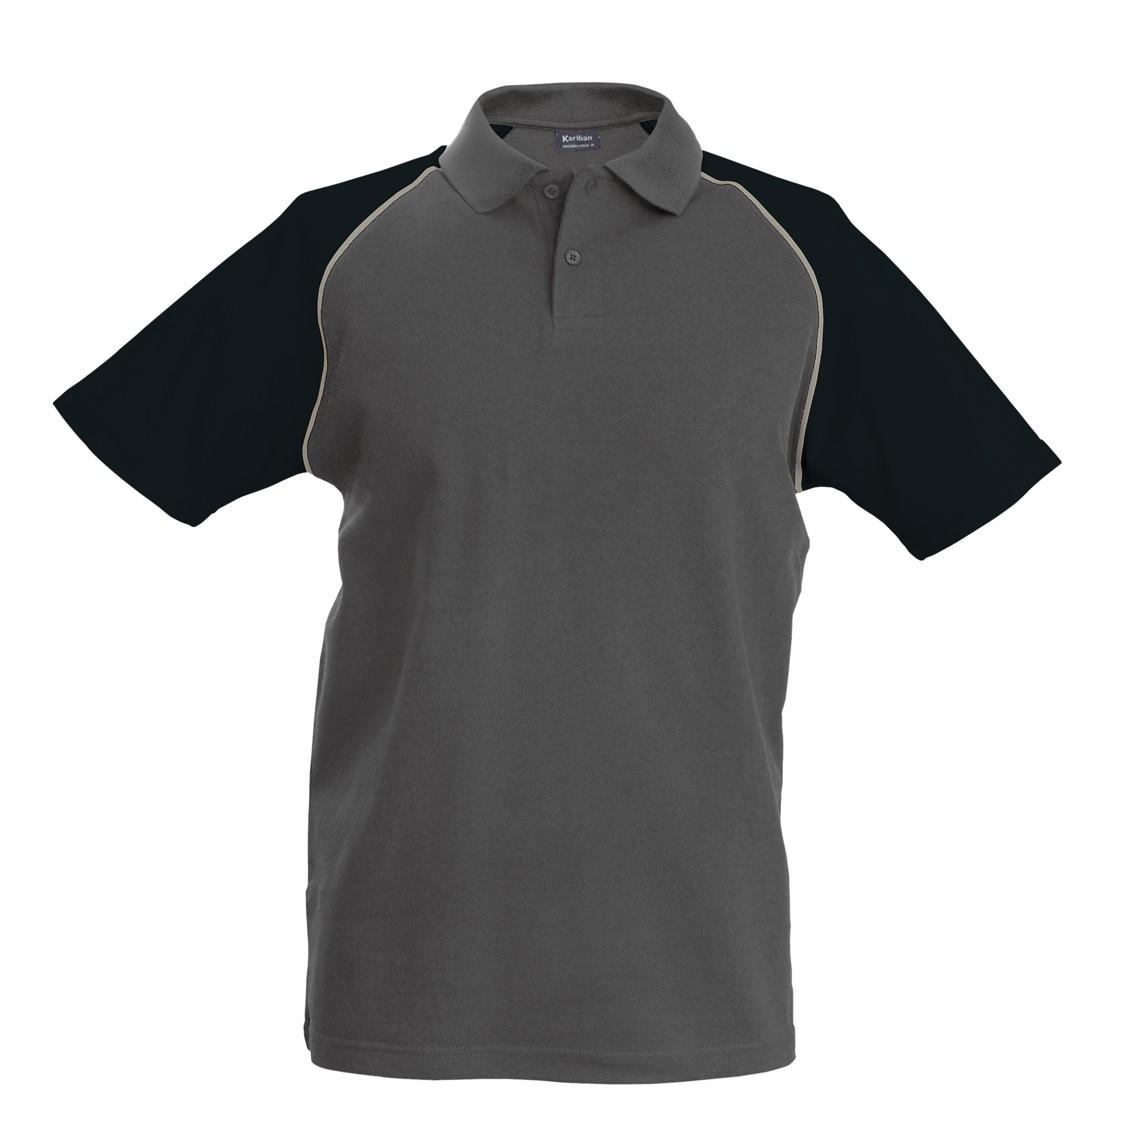 K226 Slate Grey - Black